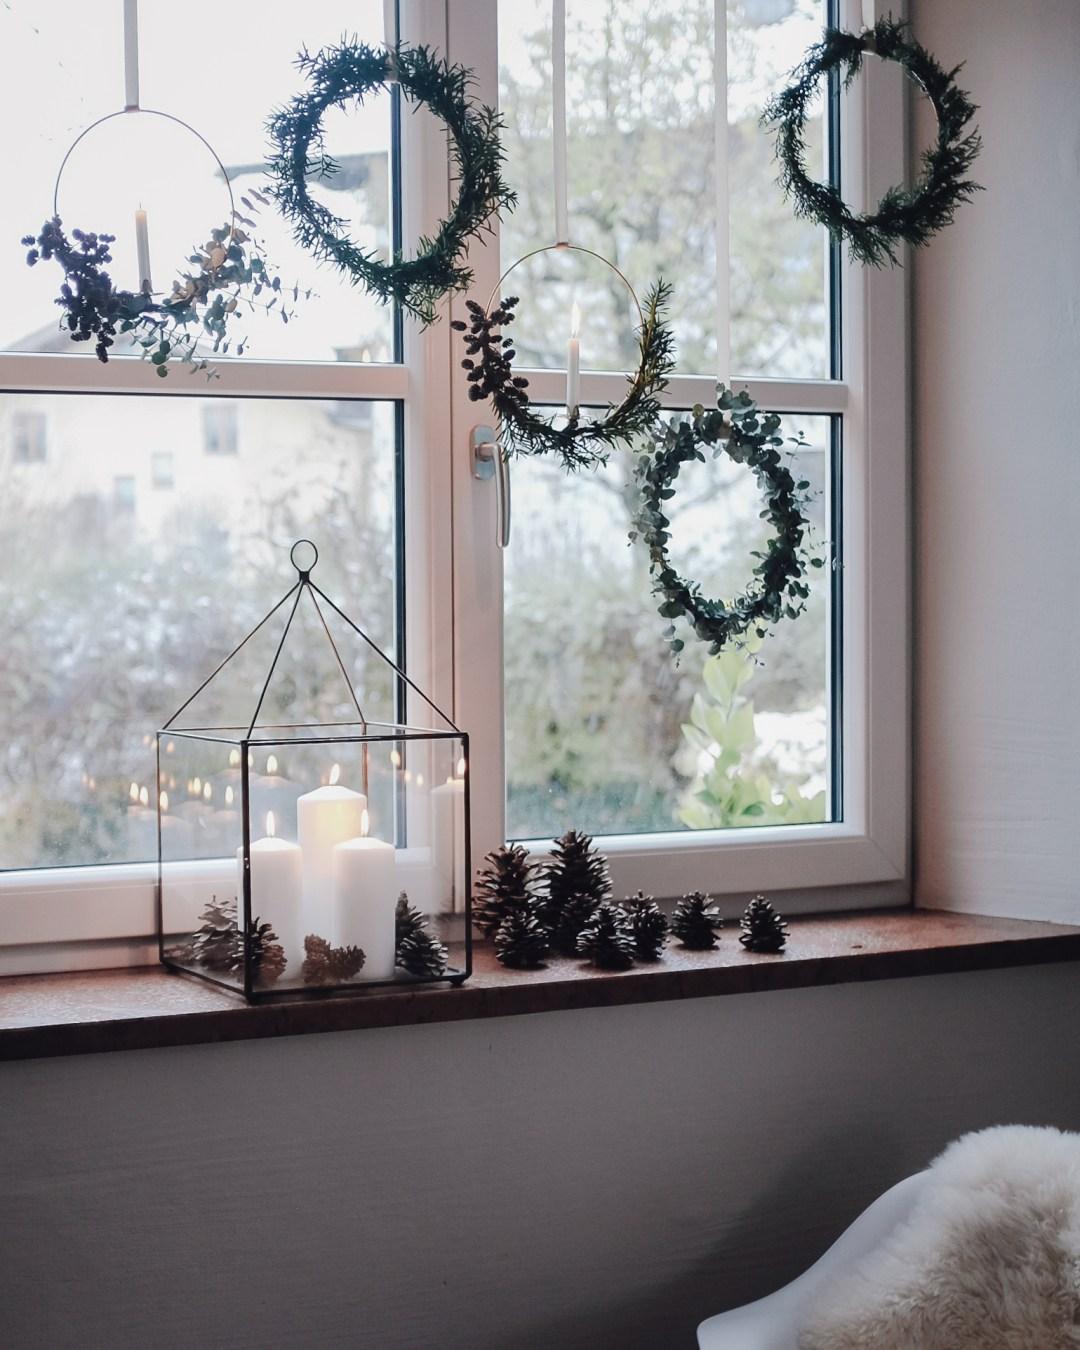 weihnachtsdekoration, Inastil, Ü50Blog, christmasdecoration, kranz, wreath, advent, homedecoration, adventkranz, lifestyle,_-12